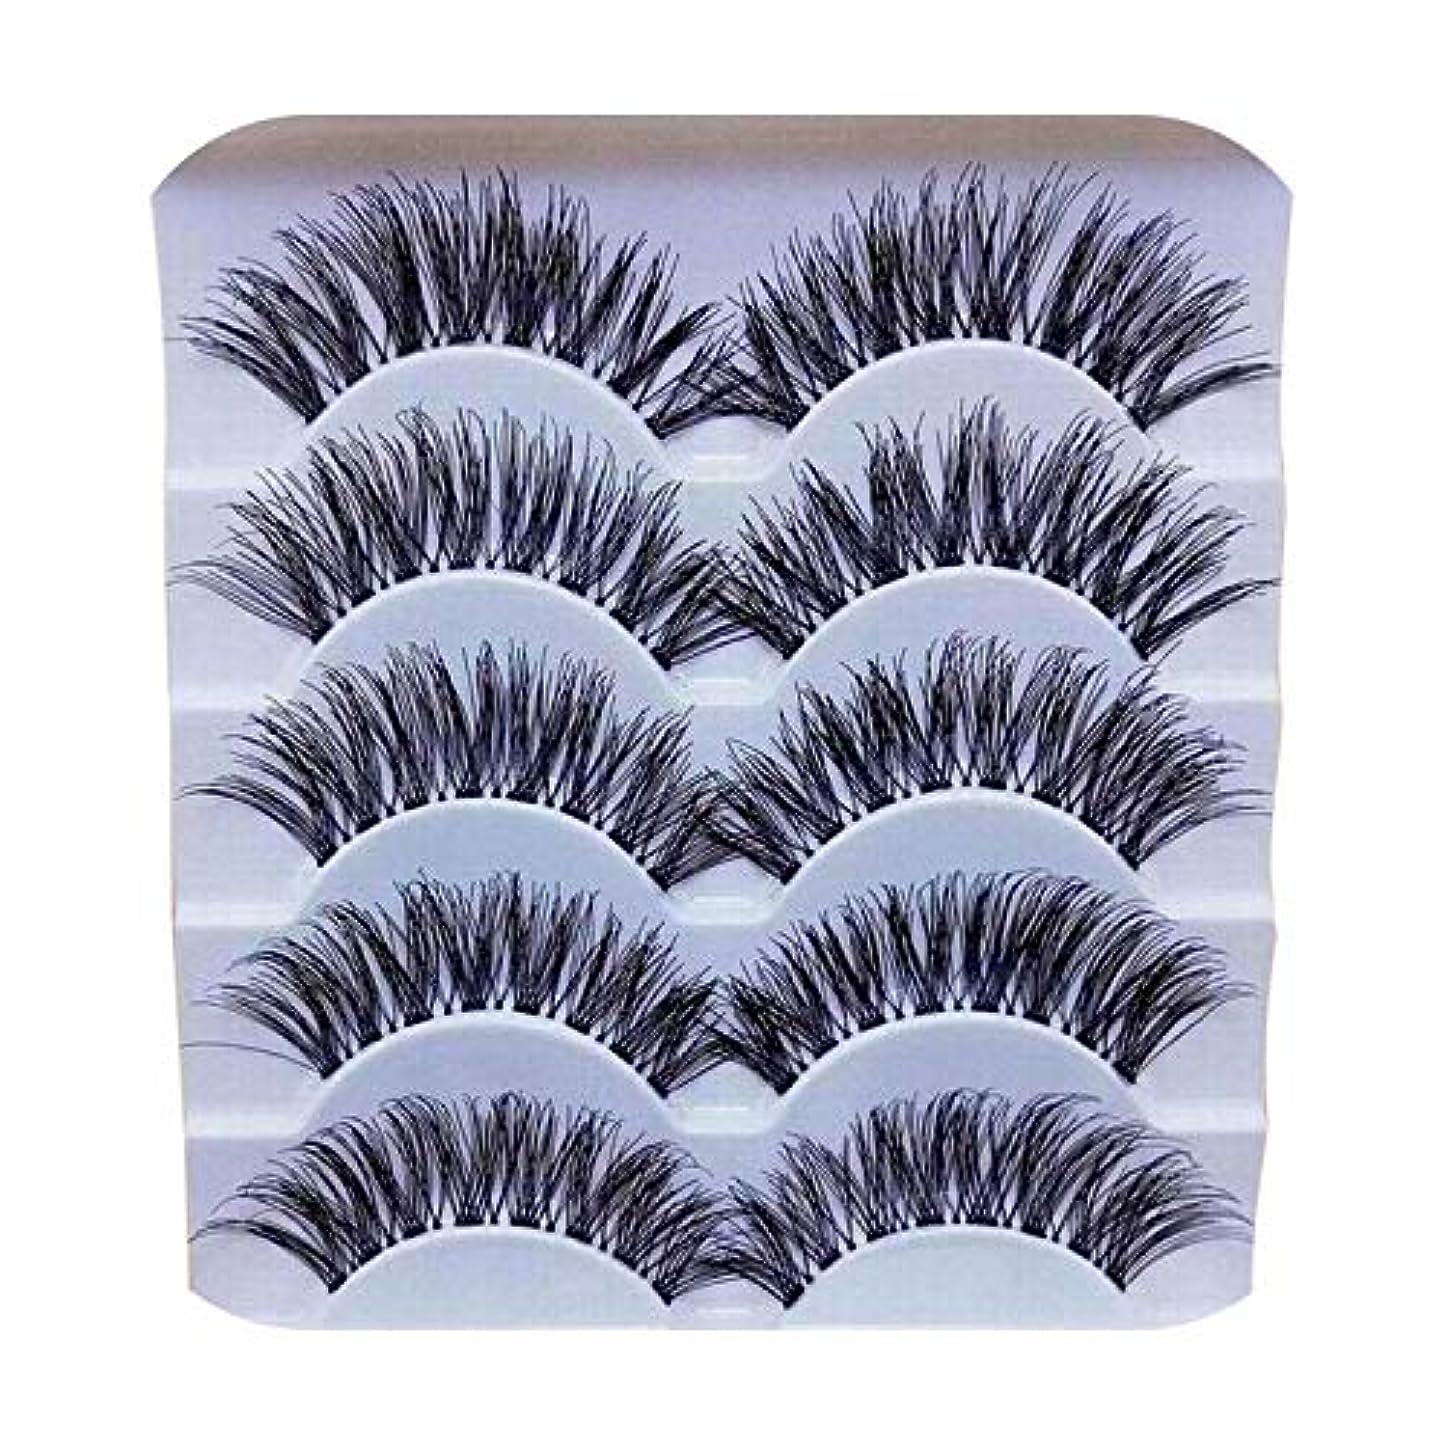 鏡シールドスカープ5ペア3Dナチュラルマルチレイヤーロングアイラッシュハンドメイドフェイクアイラッシュ1.22用の3D再利用可能なまつげ,5 pairs